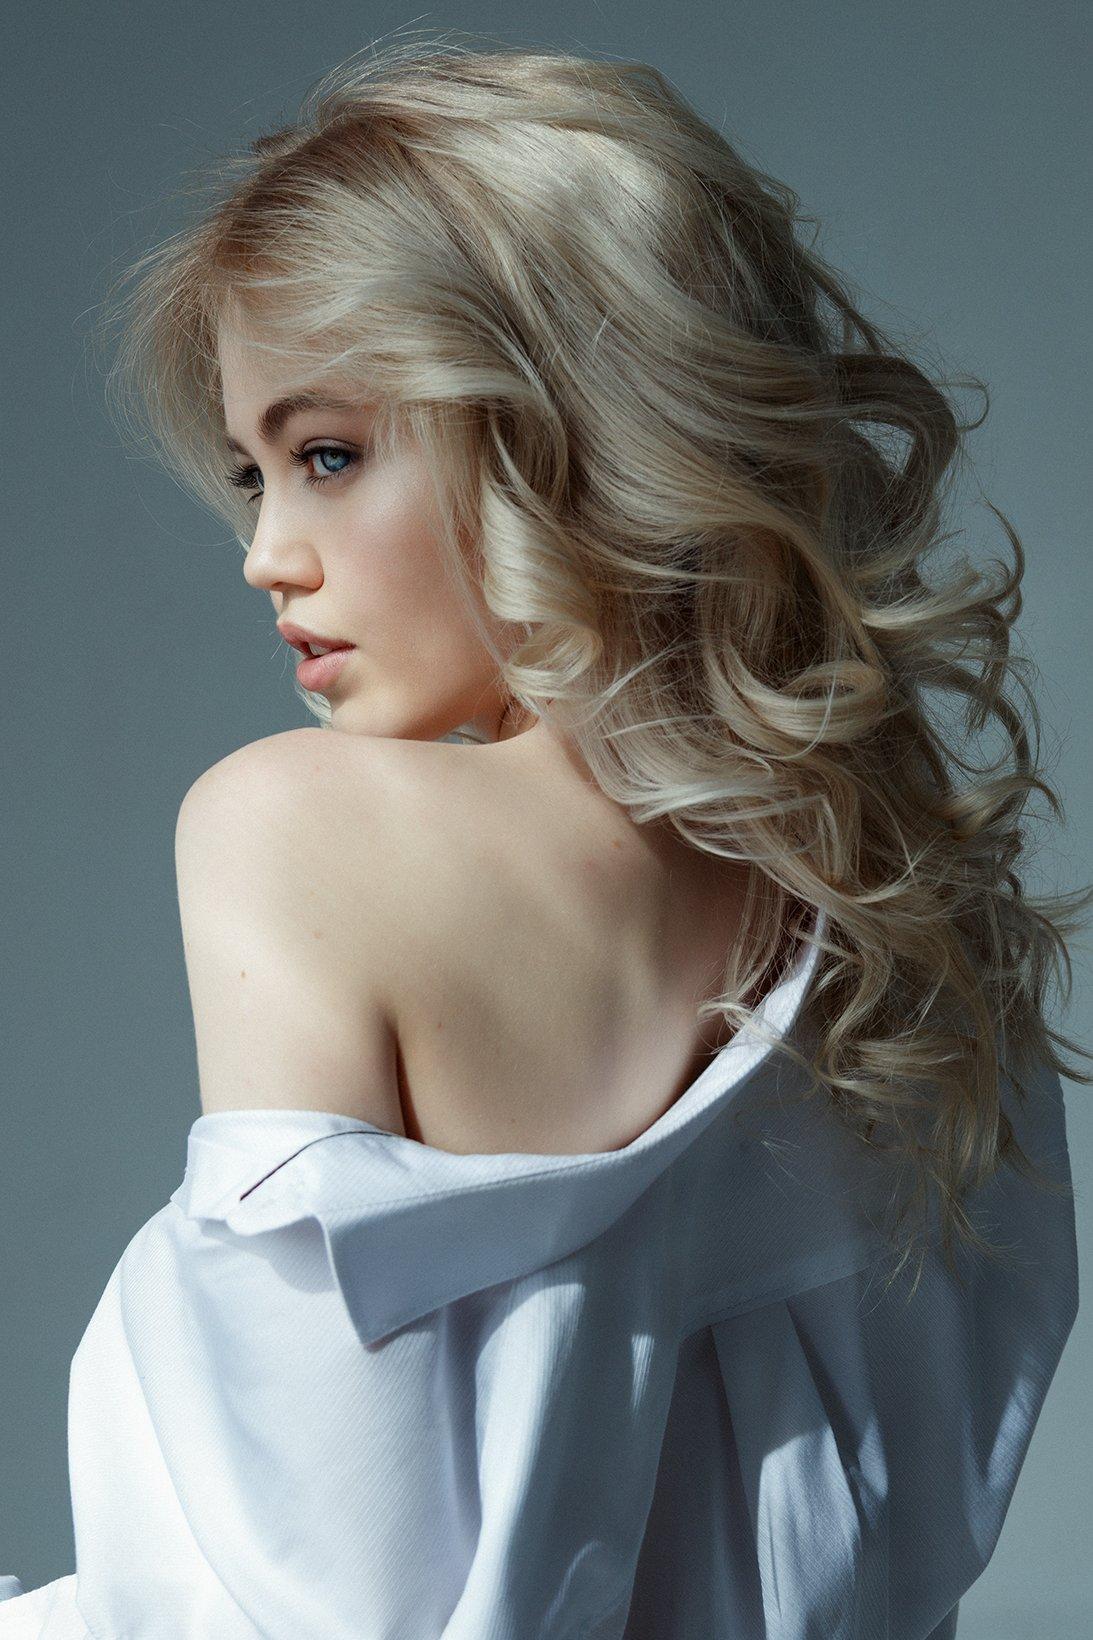 портрет, девушка, студийный портрет, съемка в студии, женский портрет, творческая съемка, арт, Peychev Nika